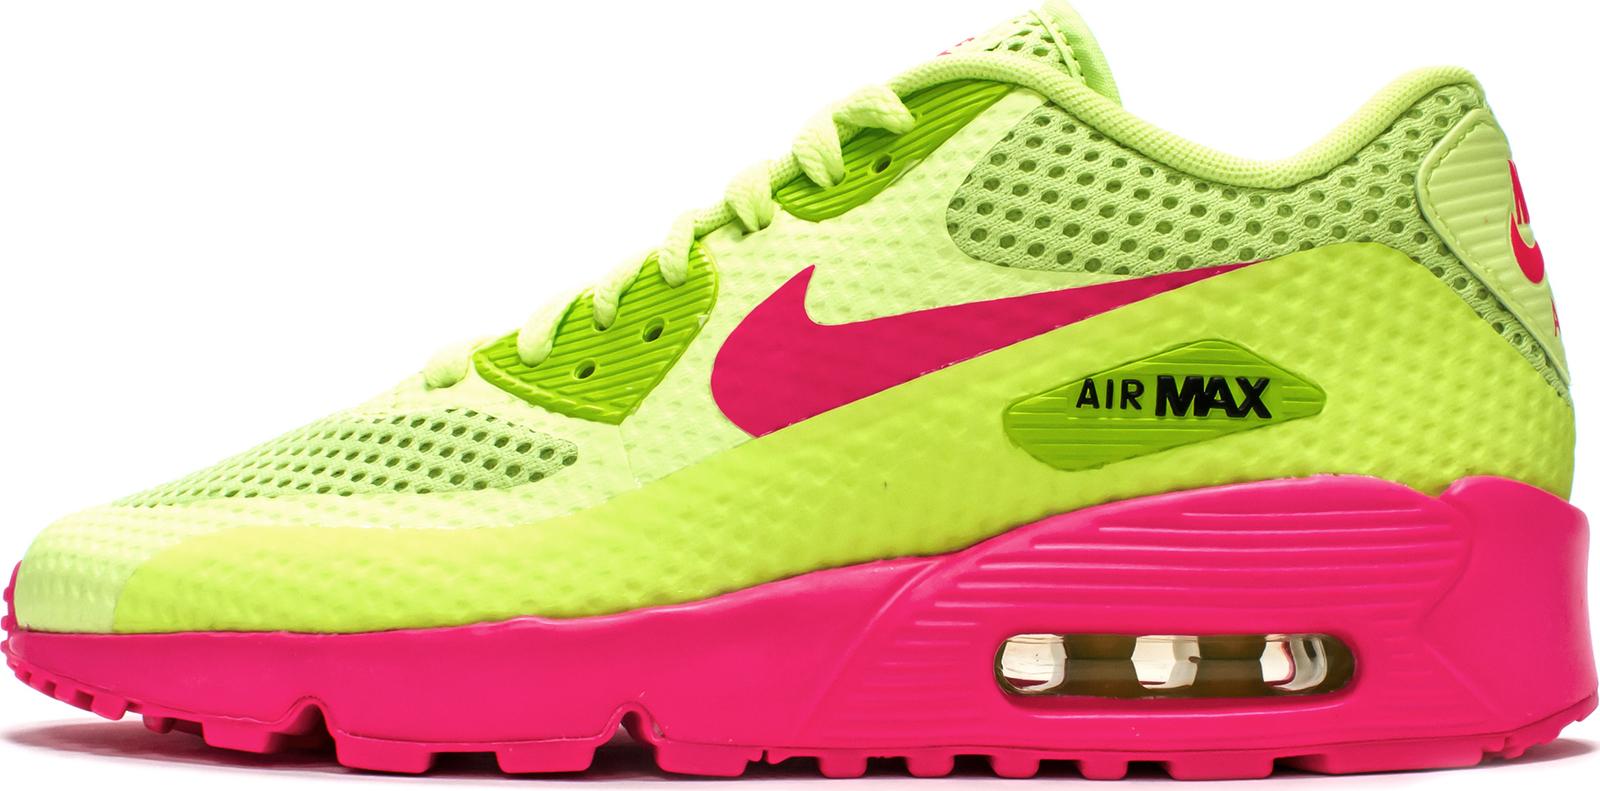 finest selection 9d4e0 1e1b6 Προσθήκη στα αγαπημένα menu Nike Air Max 90 BR GS 833409-300